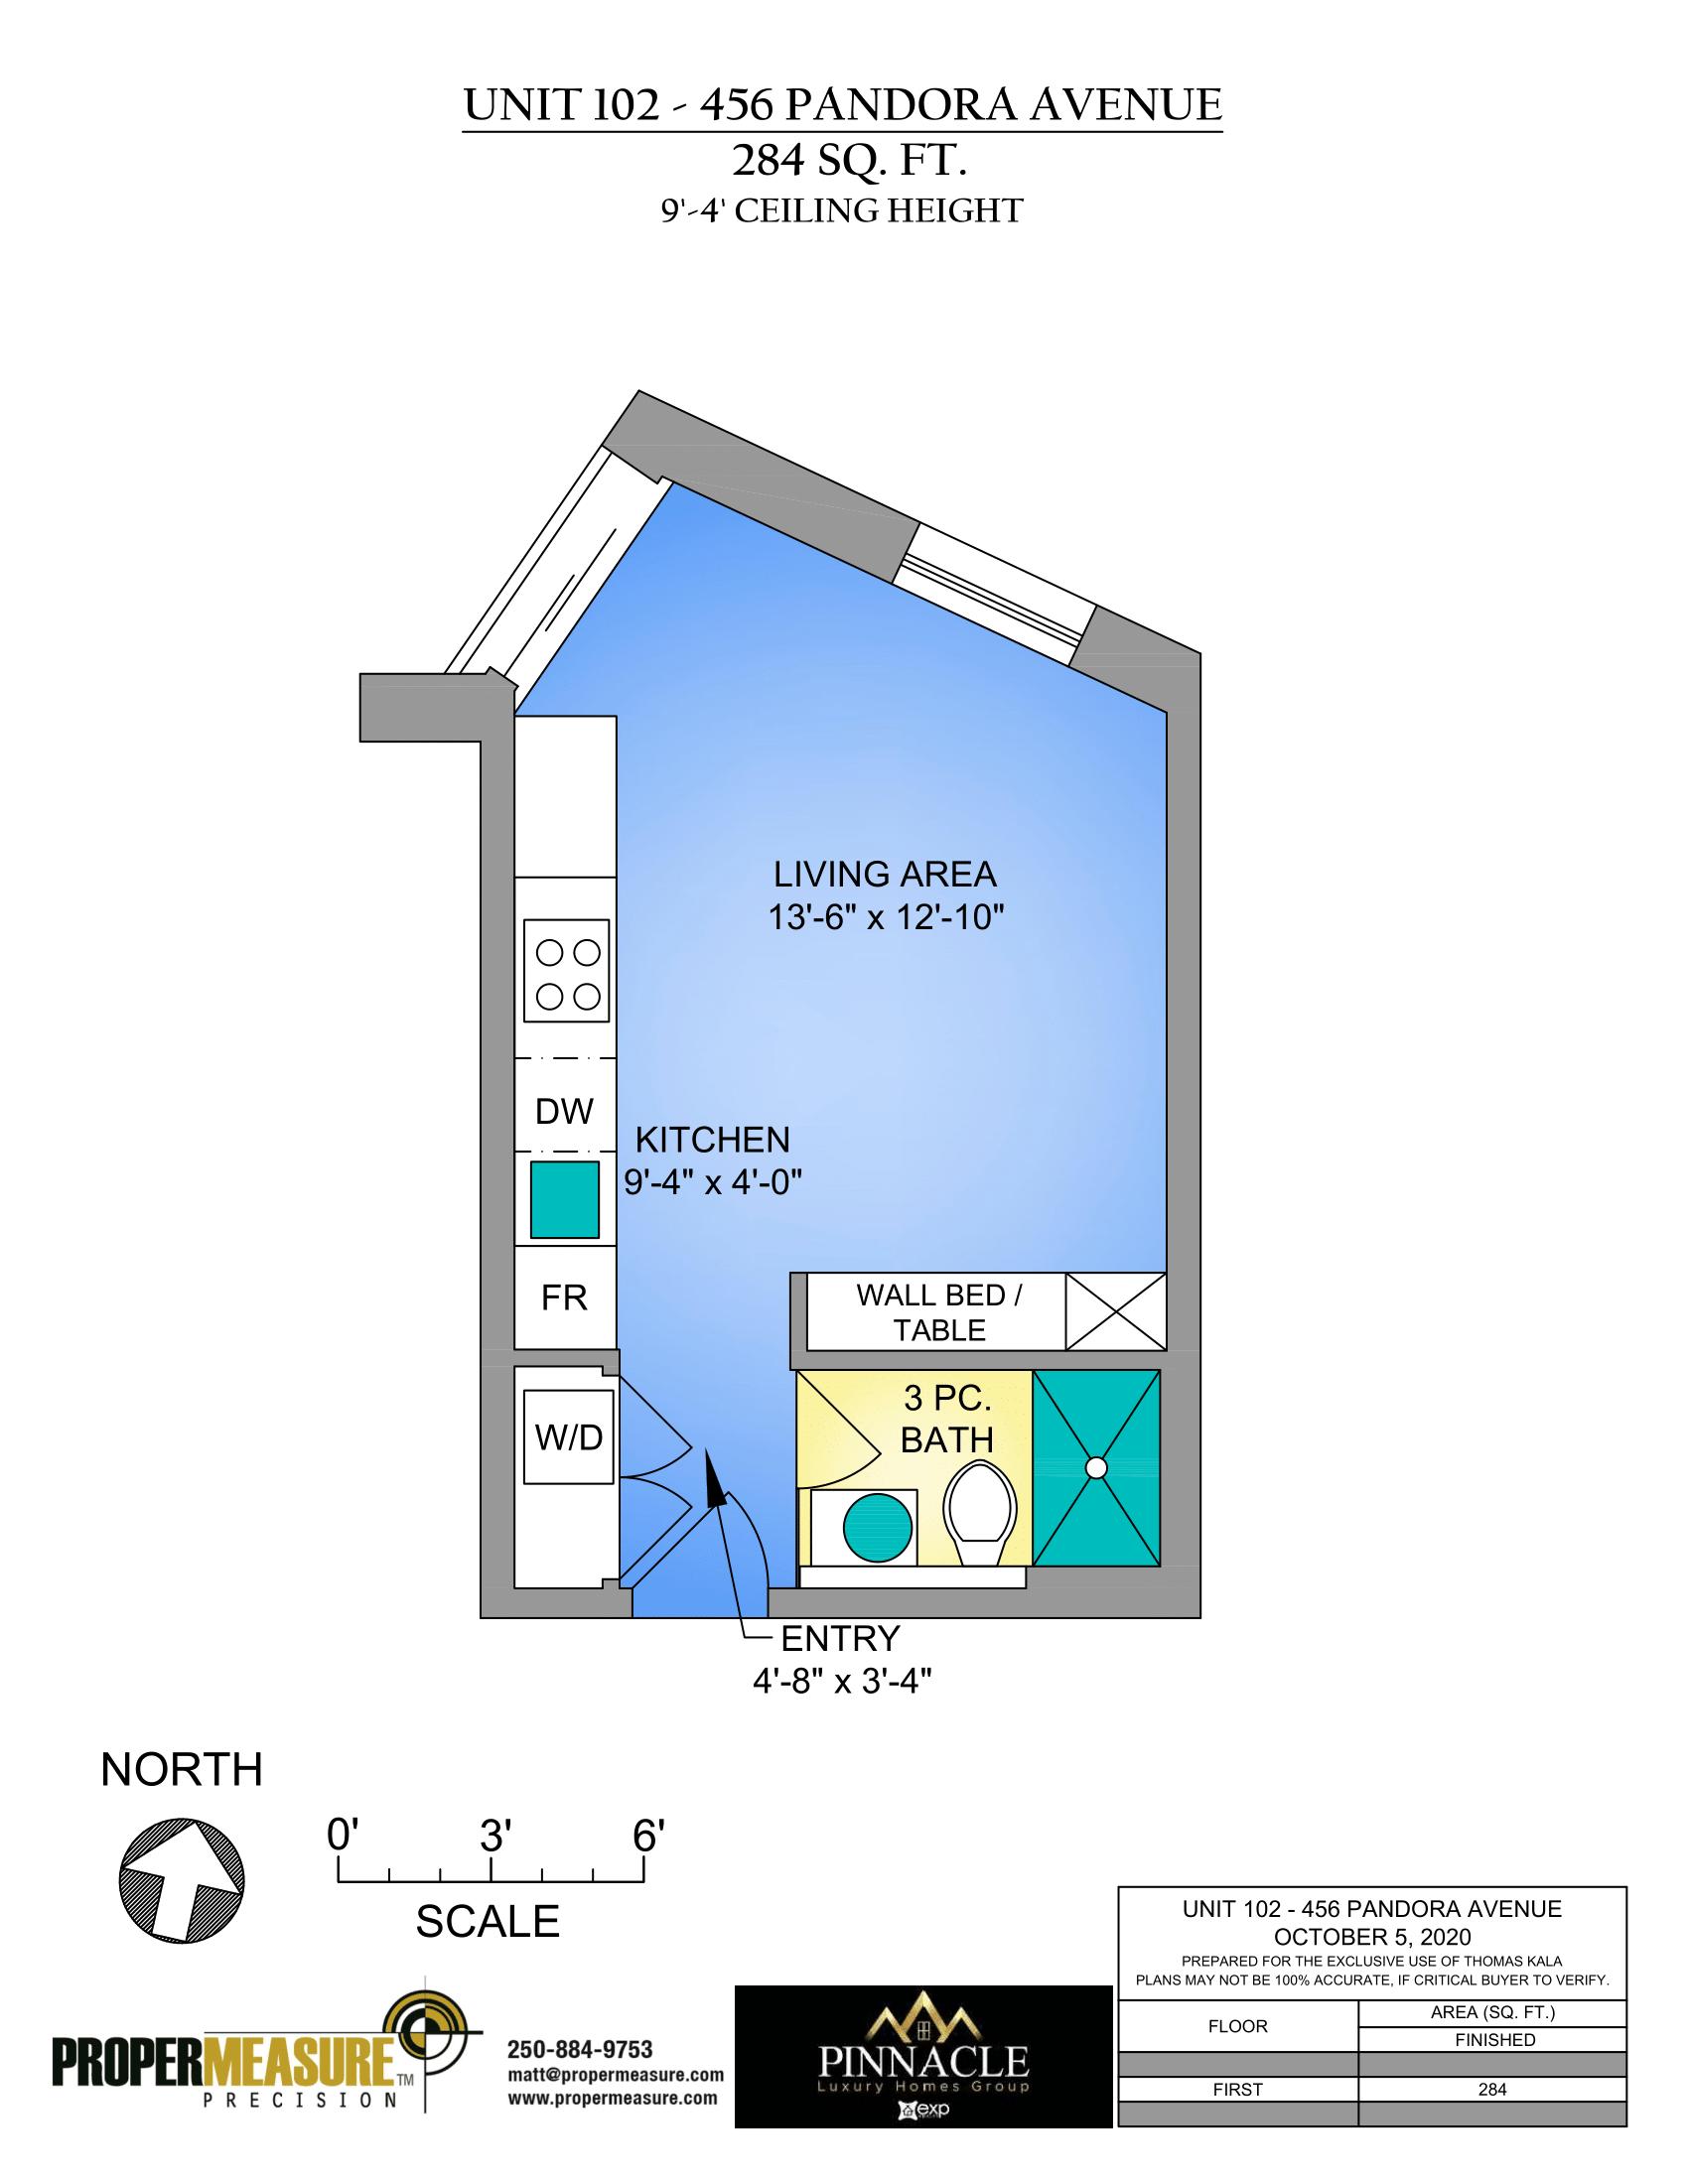 Bachelor condo floor plans in Victoria